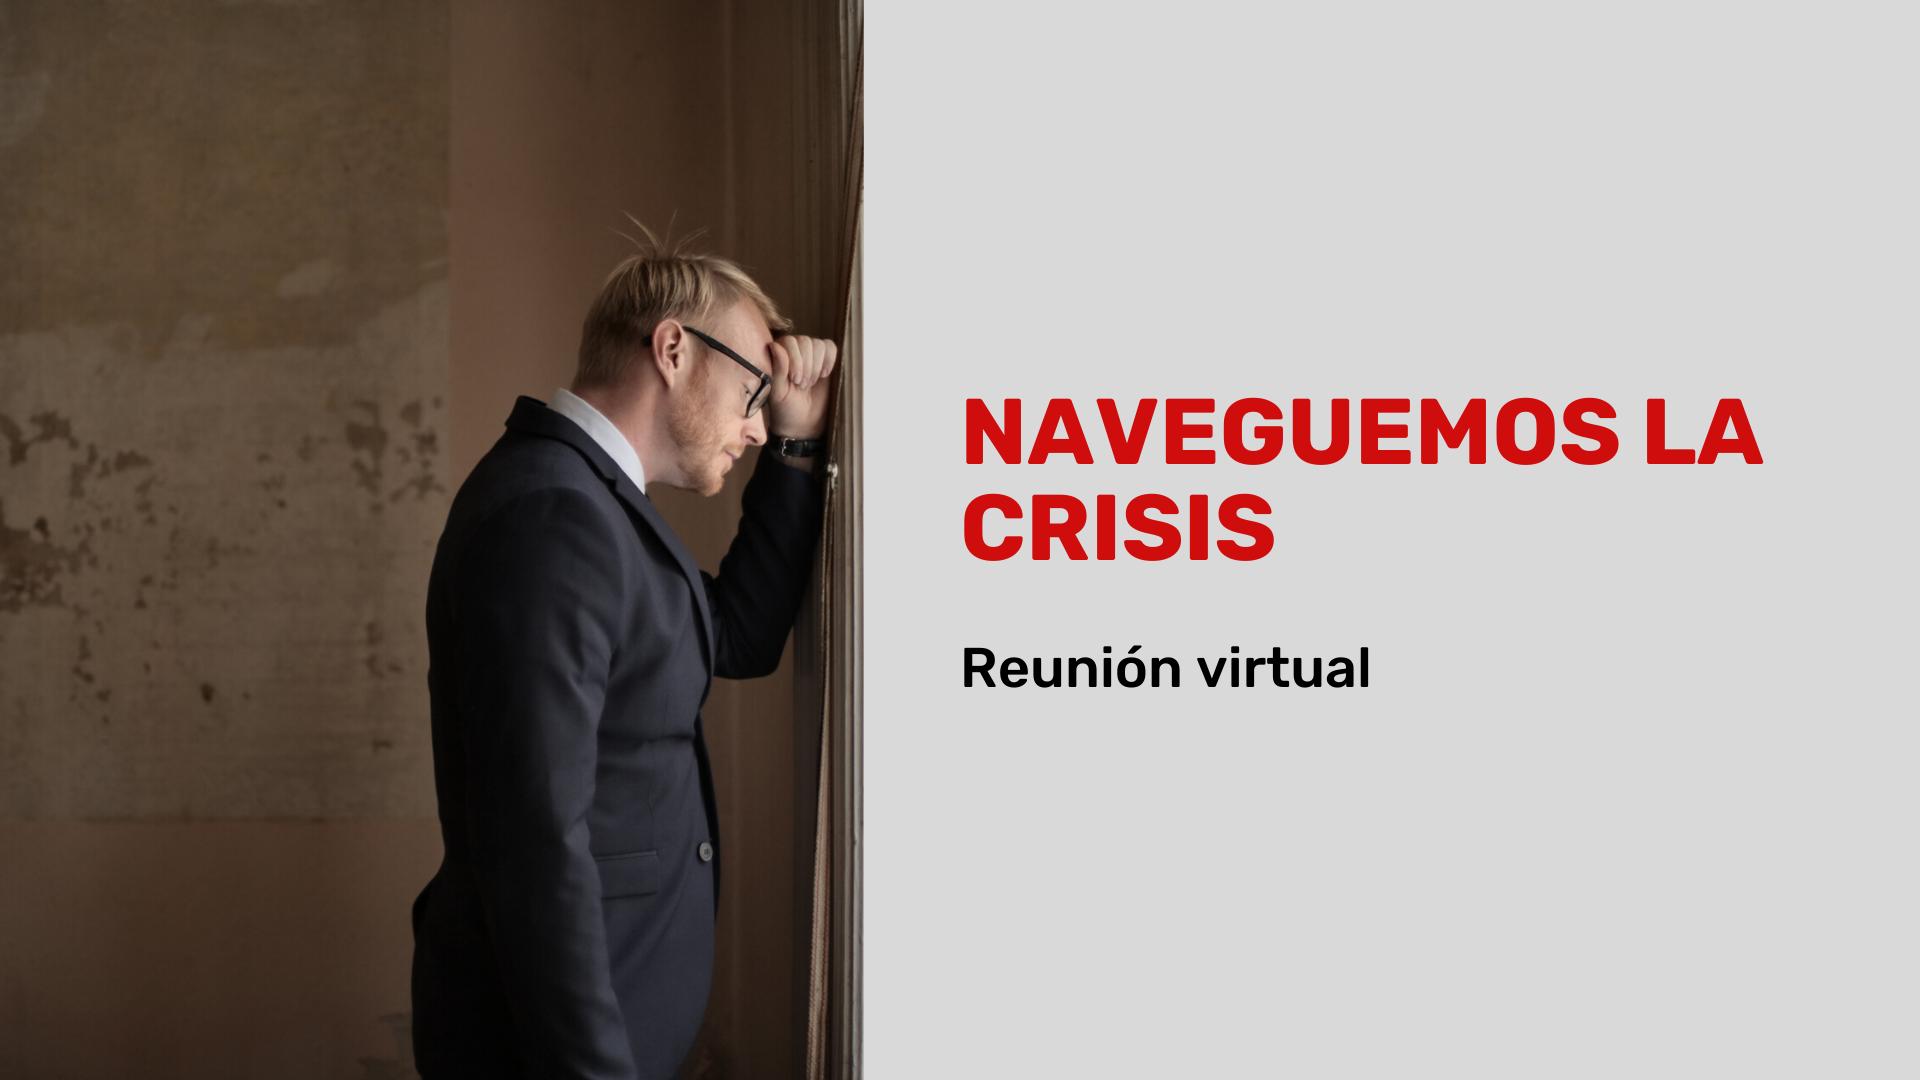 Naveguemos la crisis